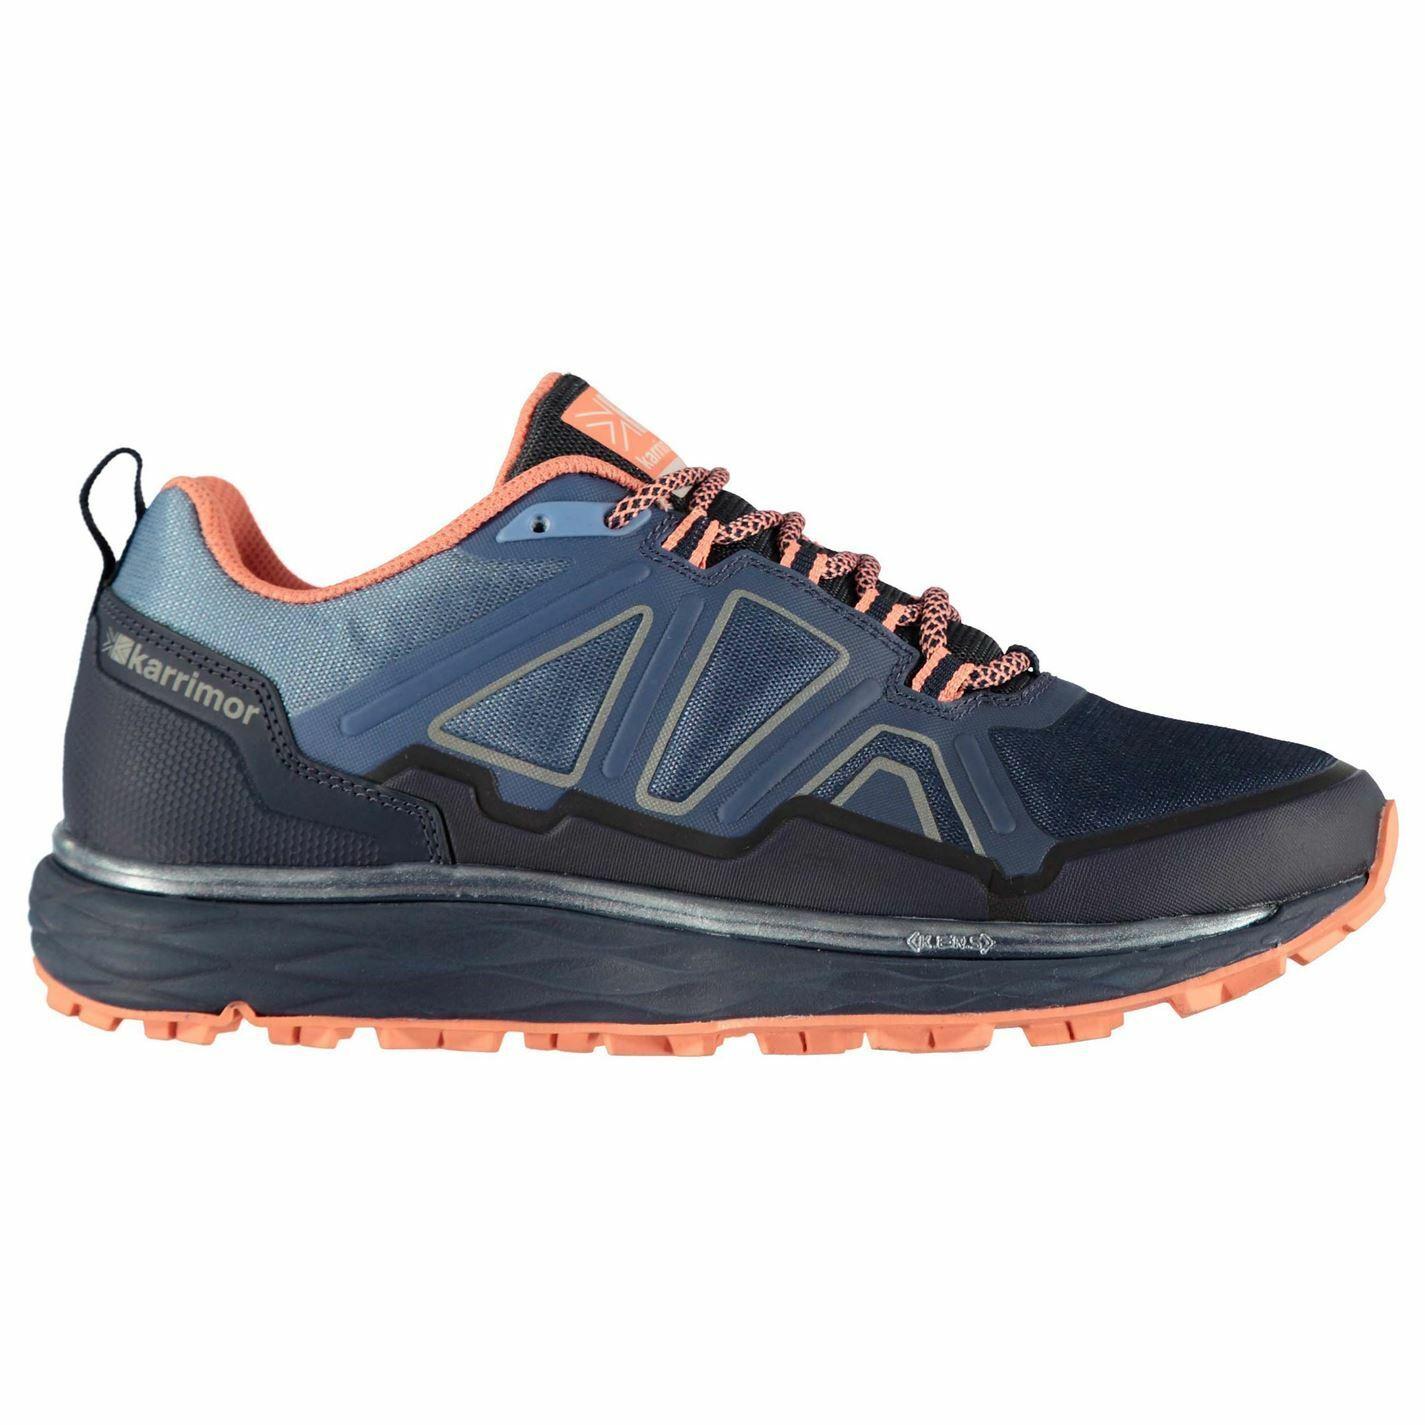 Karrimor Rapid 2 Trail Corriendo Zapatos Damas  Cordones atados repelente al agua  ventas de salida